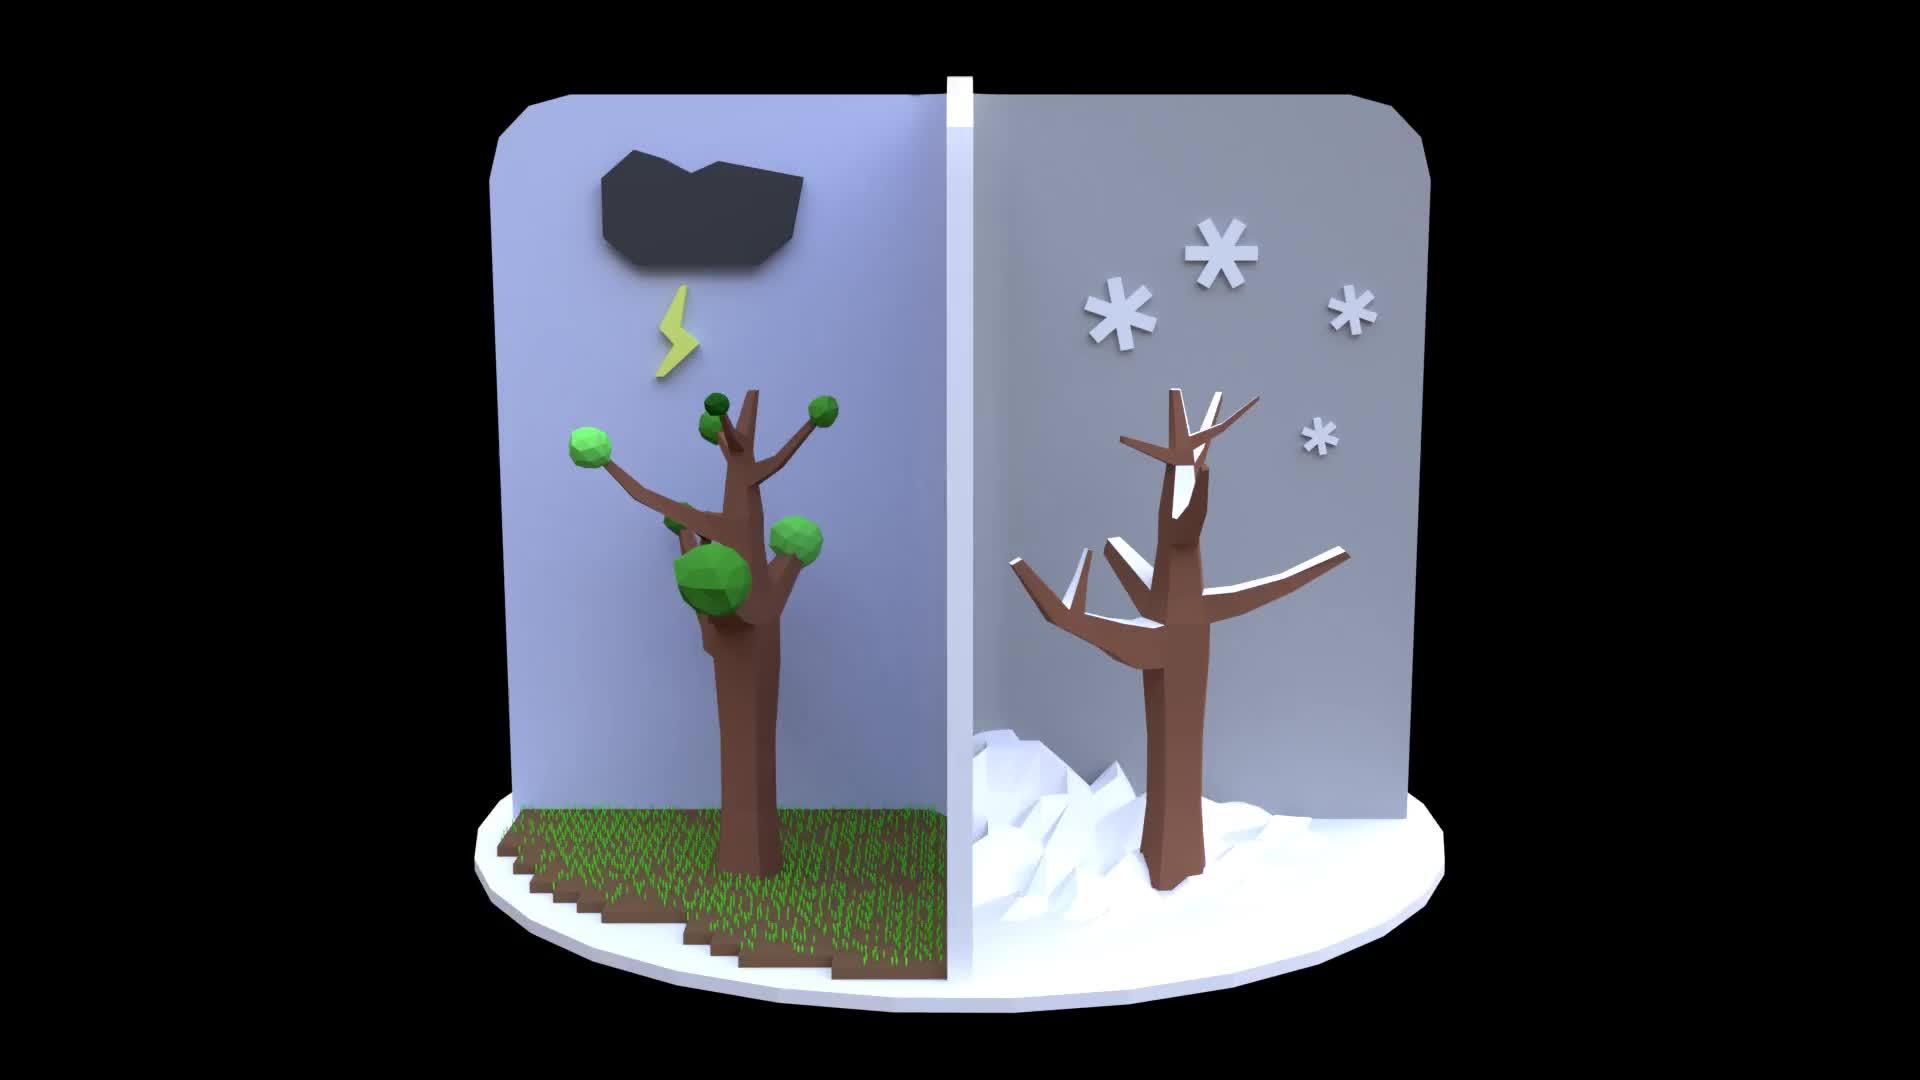 3D, blender, Low Poly Seasons GIFs